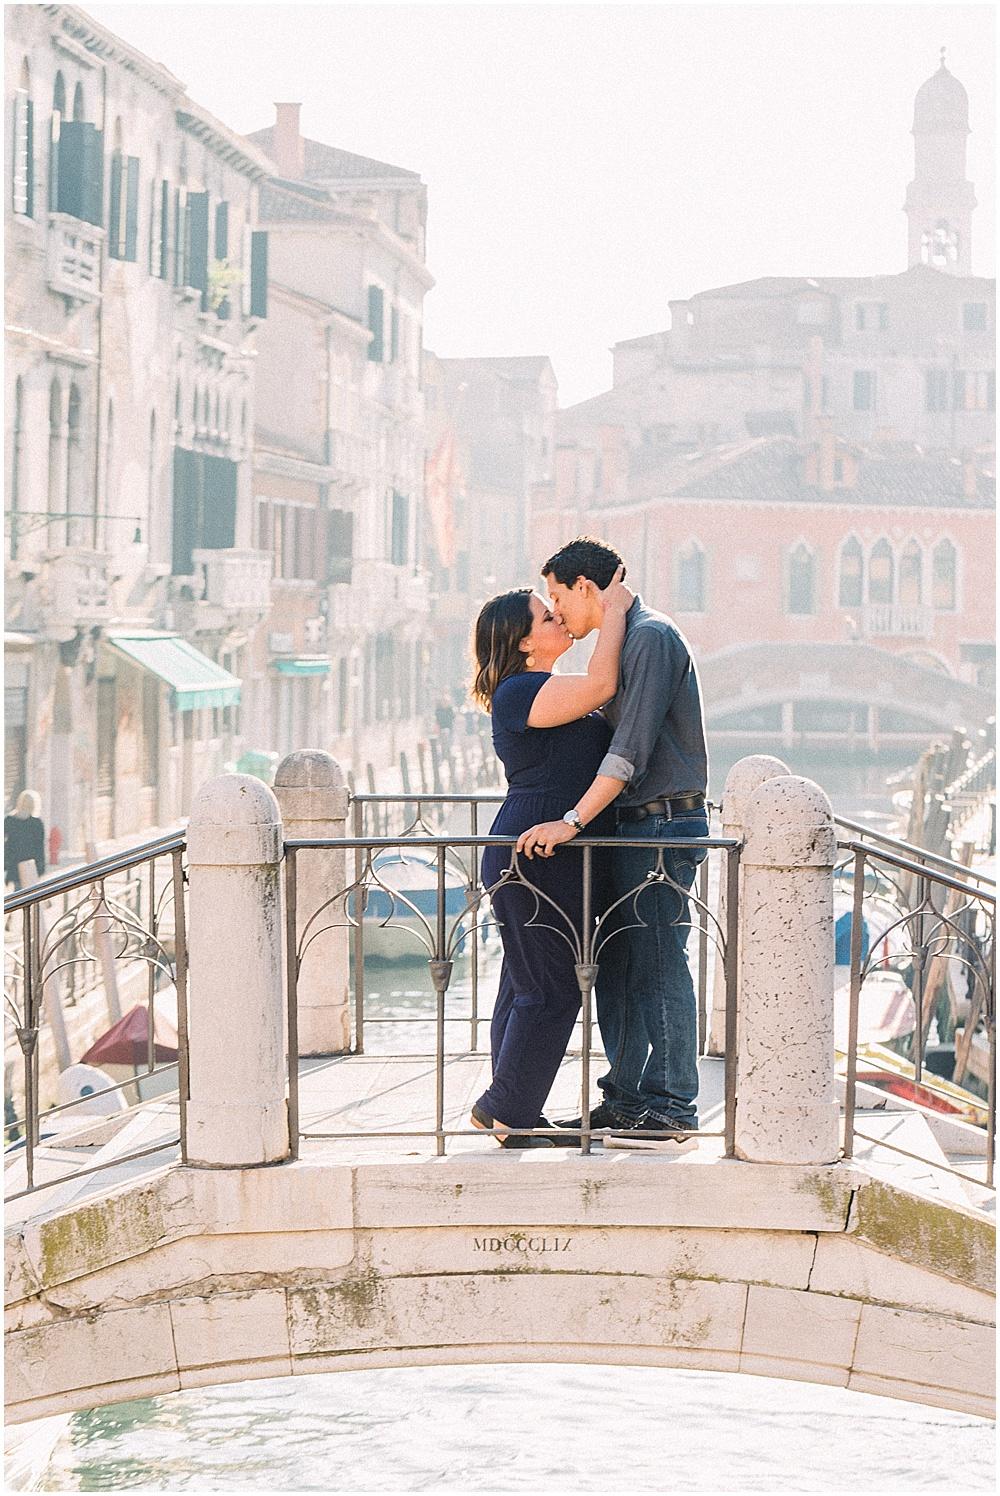 Venice-italy-wedding-photographer-stefano-degirmenci_0424.jpg